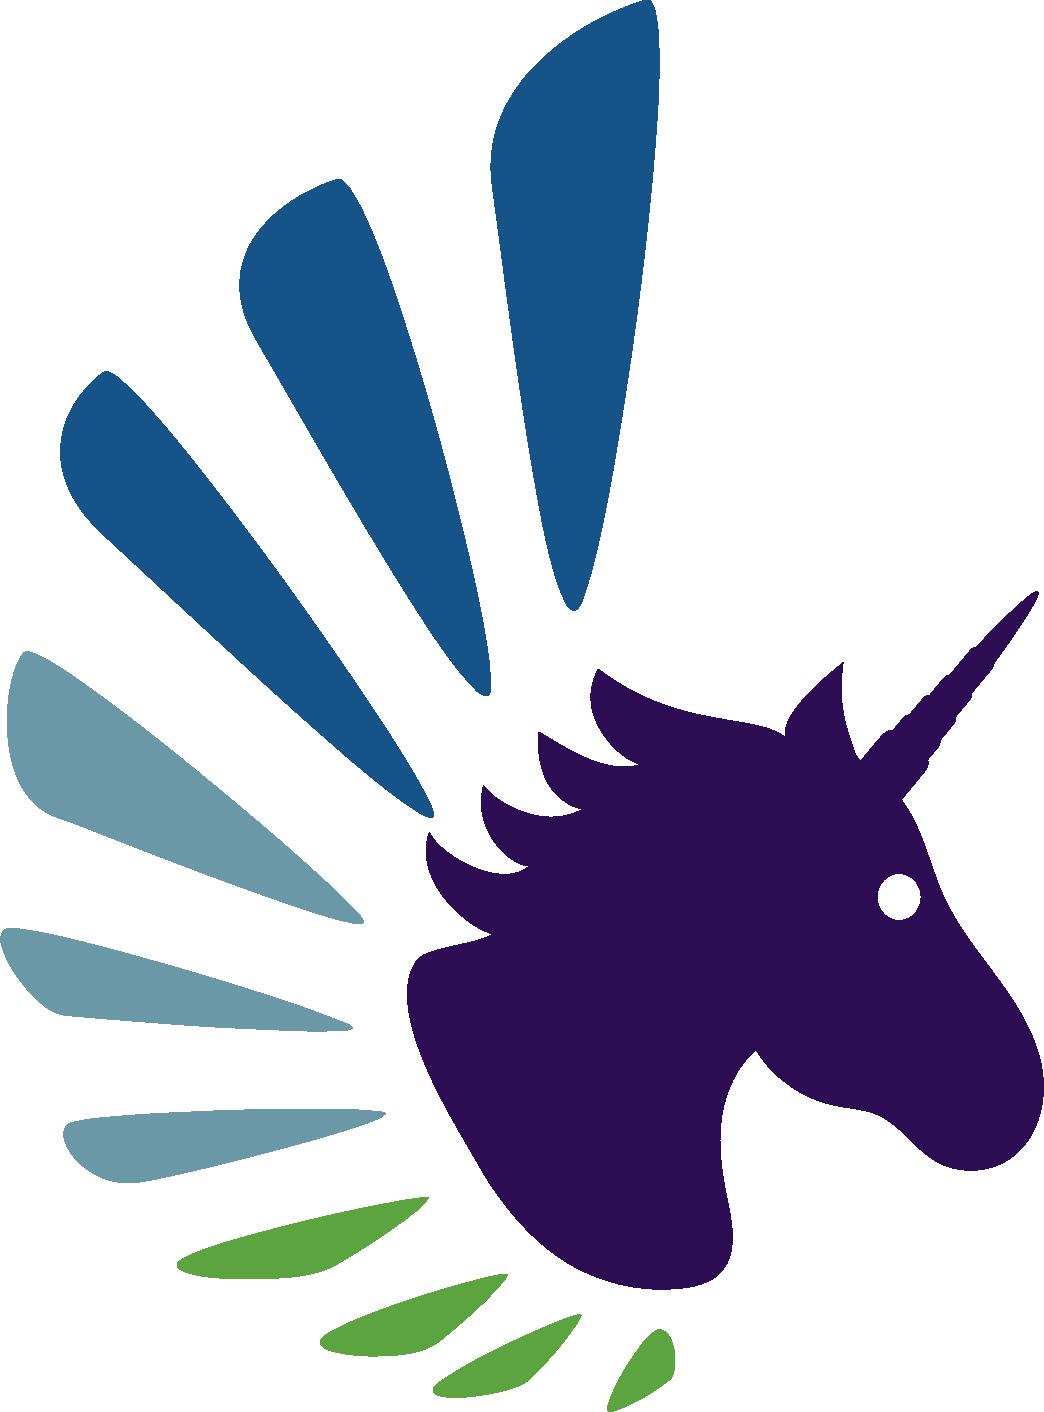 Giveth DAC logo